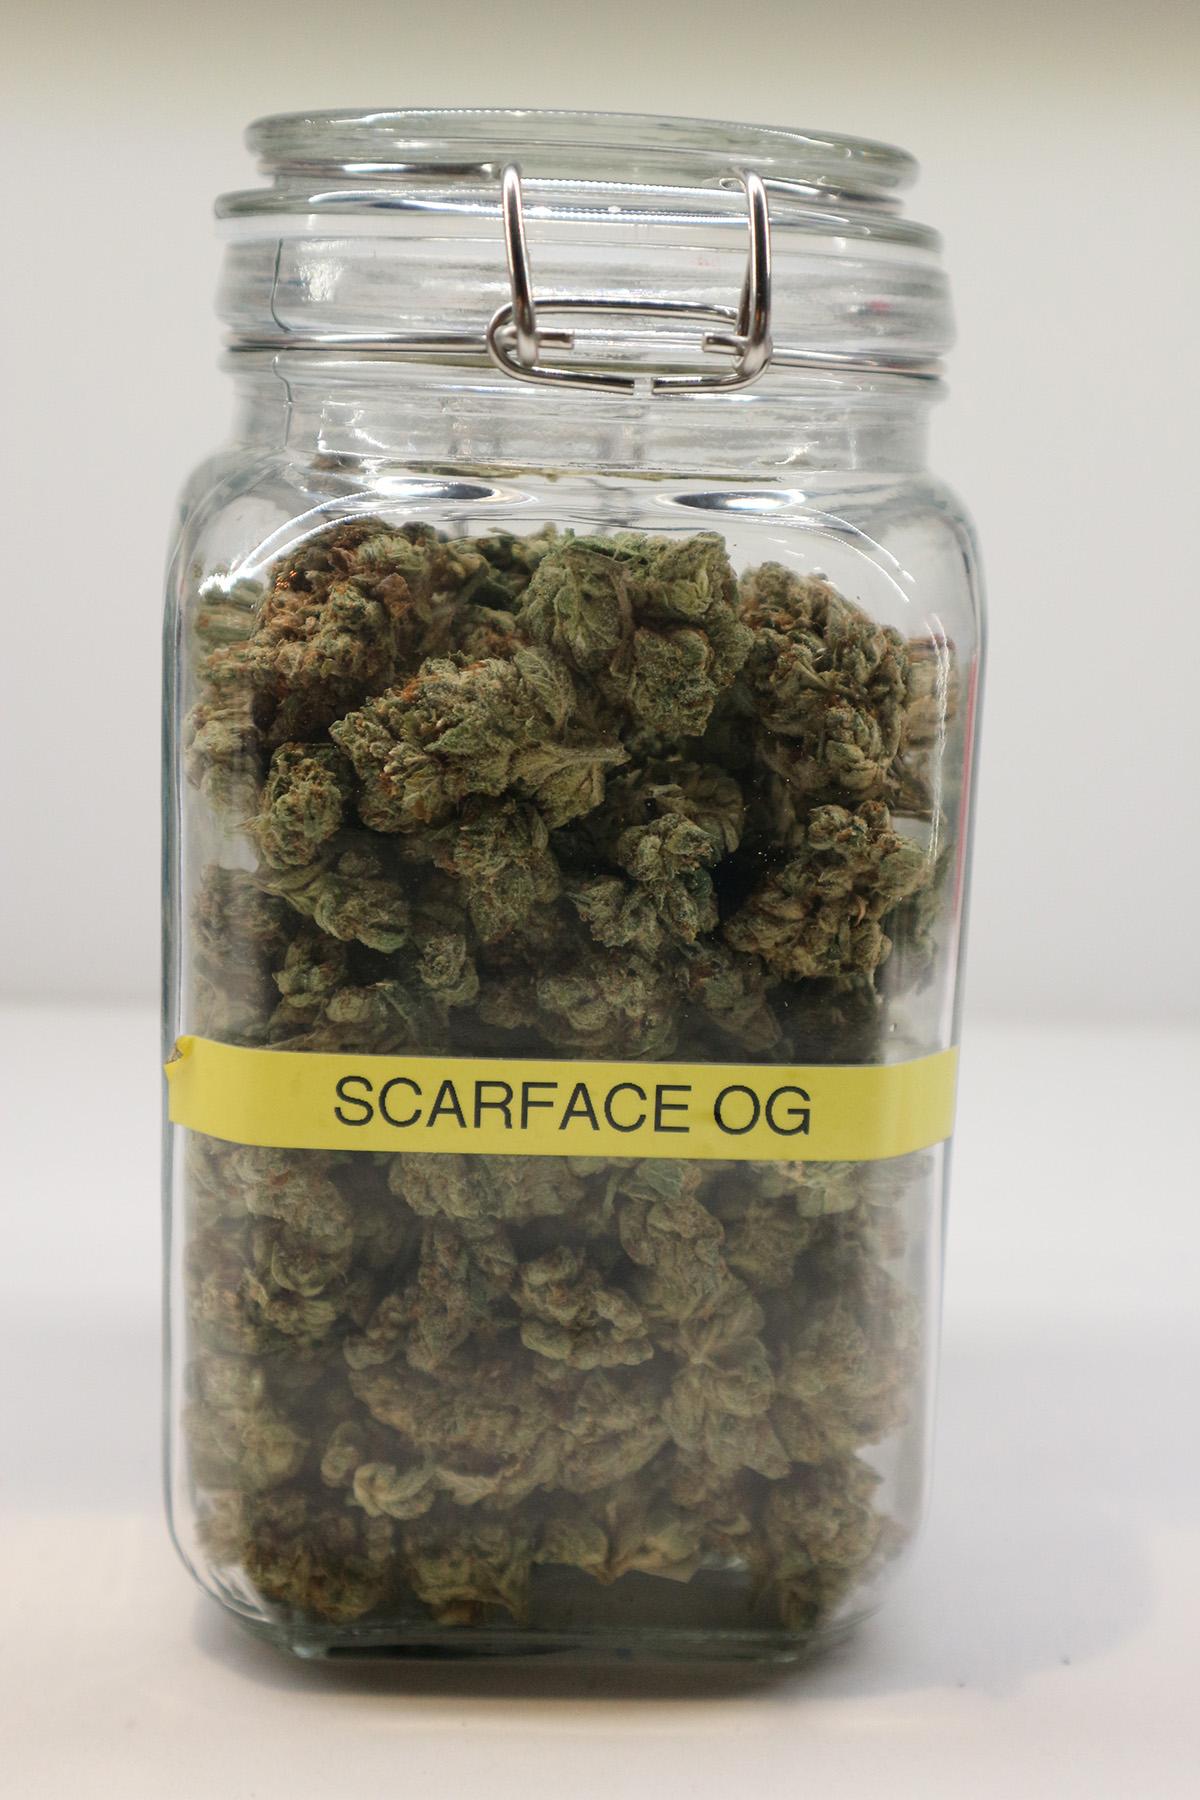 Scarface OG